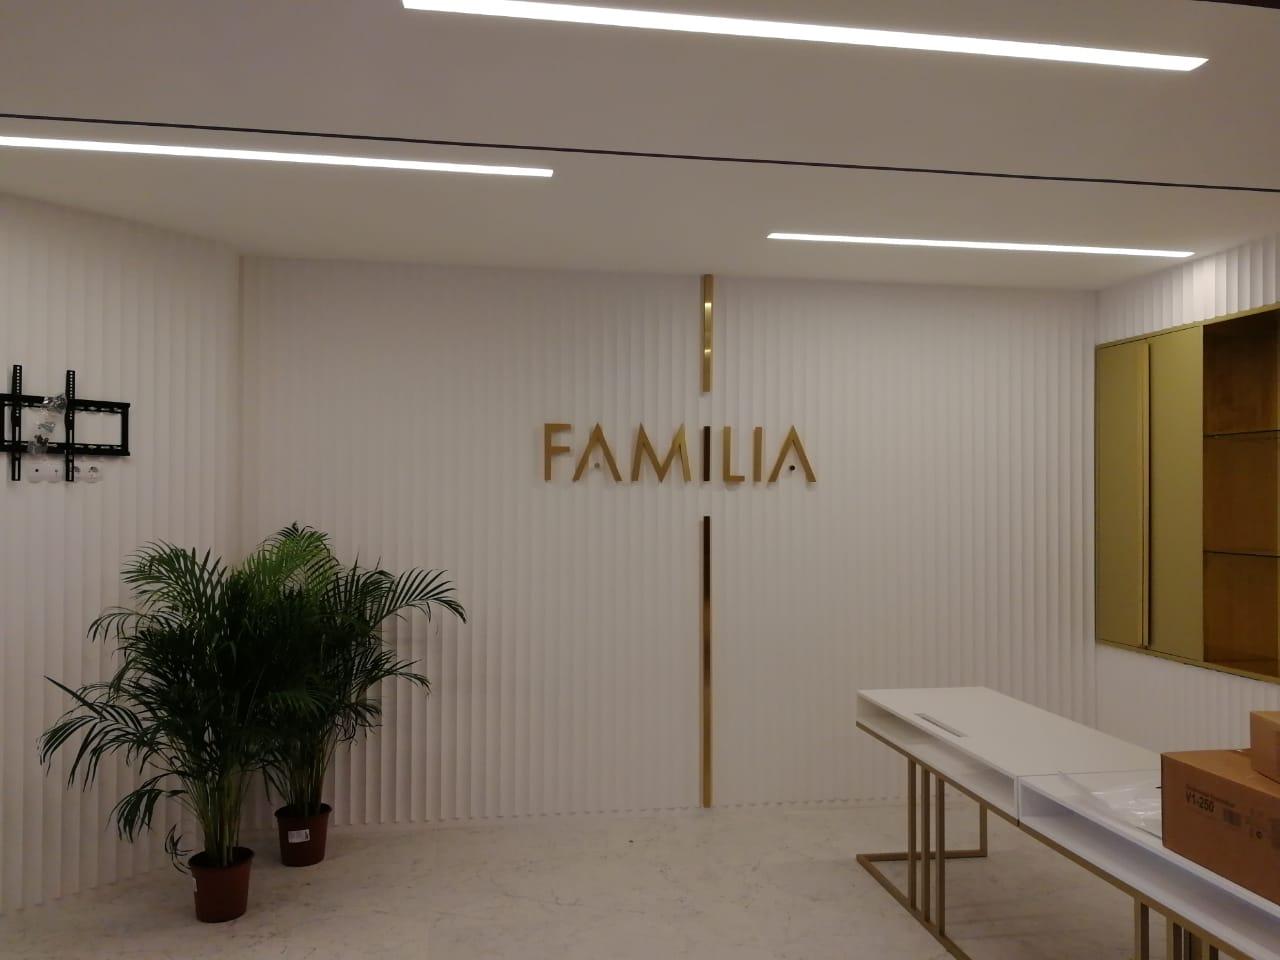 Внутреннее оформление офиса продаж ЖК 'Familia'